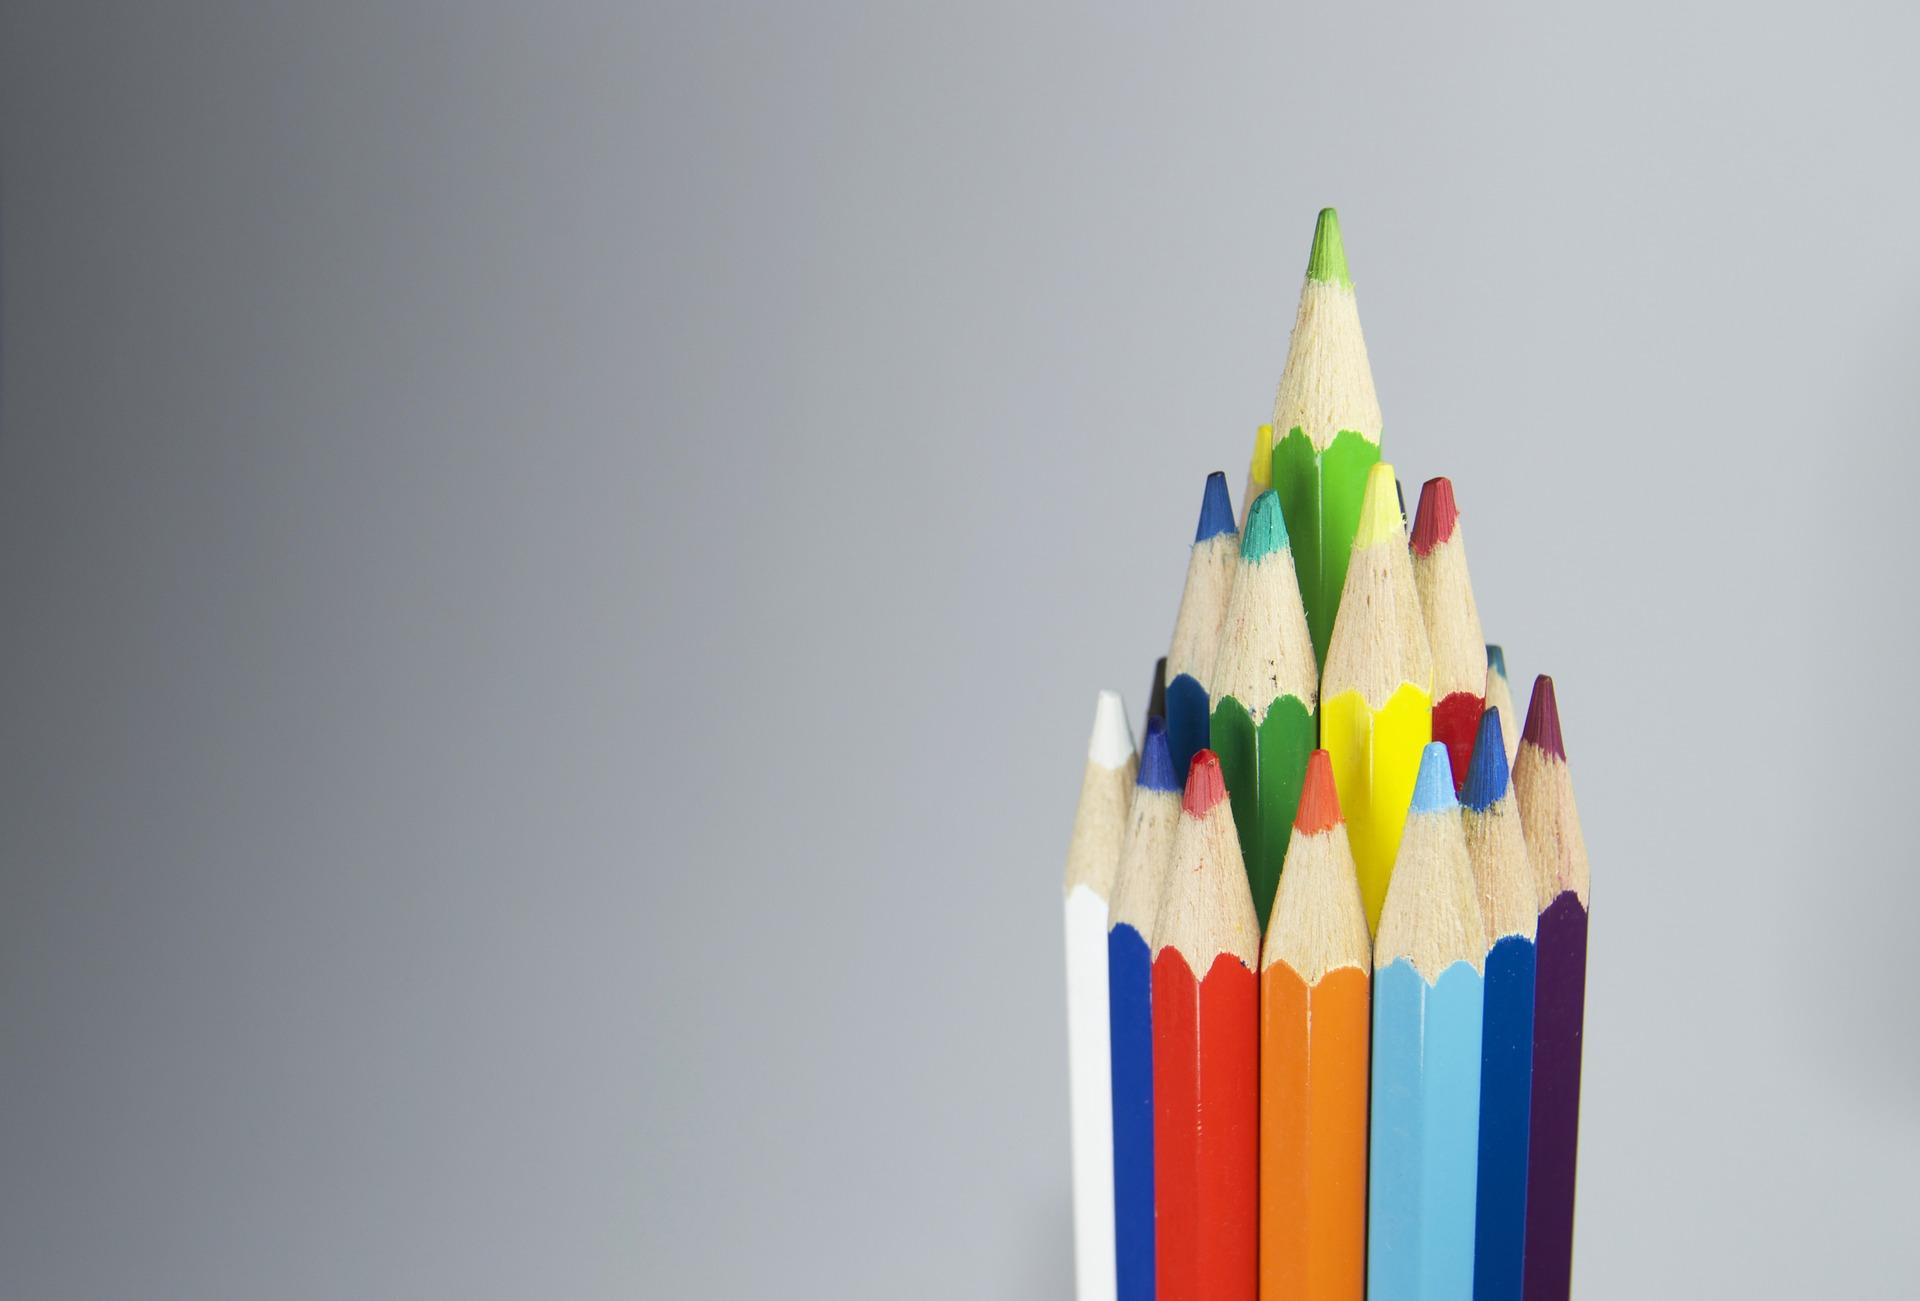 铅笔, 木材, 颜色, 金字塔, 尖点 - 高清壁纸 - 教授-falken.com